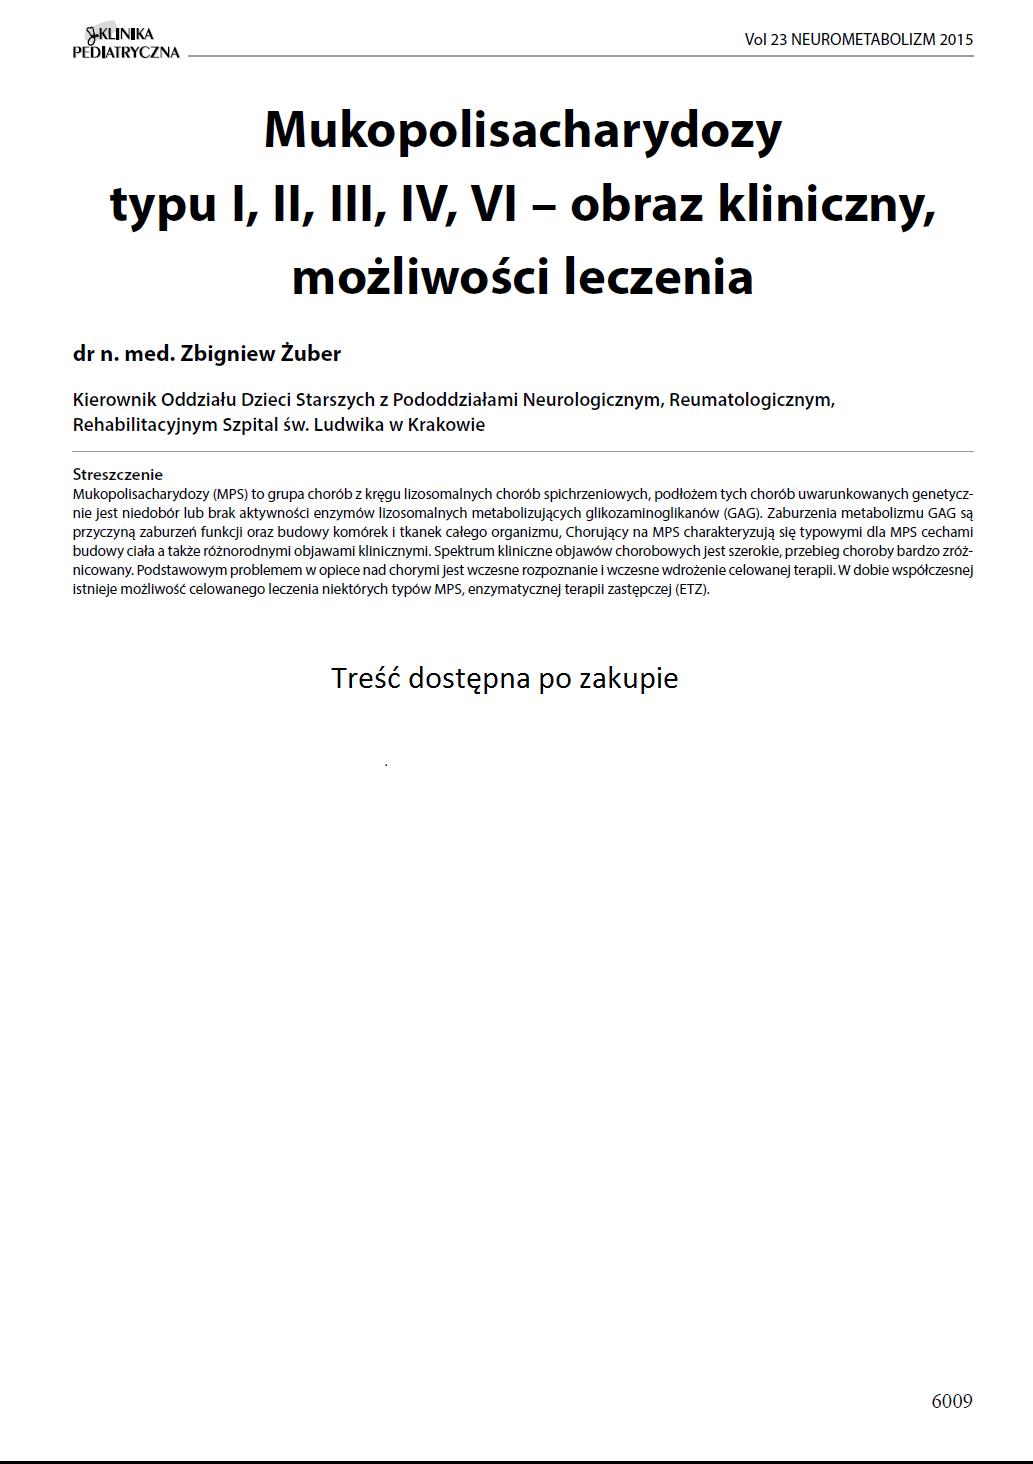 KP 2015-Neurometabolizm: Mukopolisacharydozy typu I, II, III, IV, VI – obraz kliniczny, możliwości leczenia